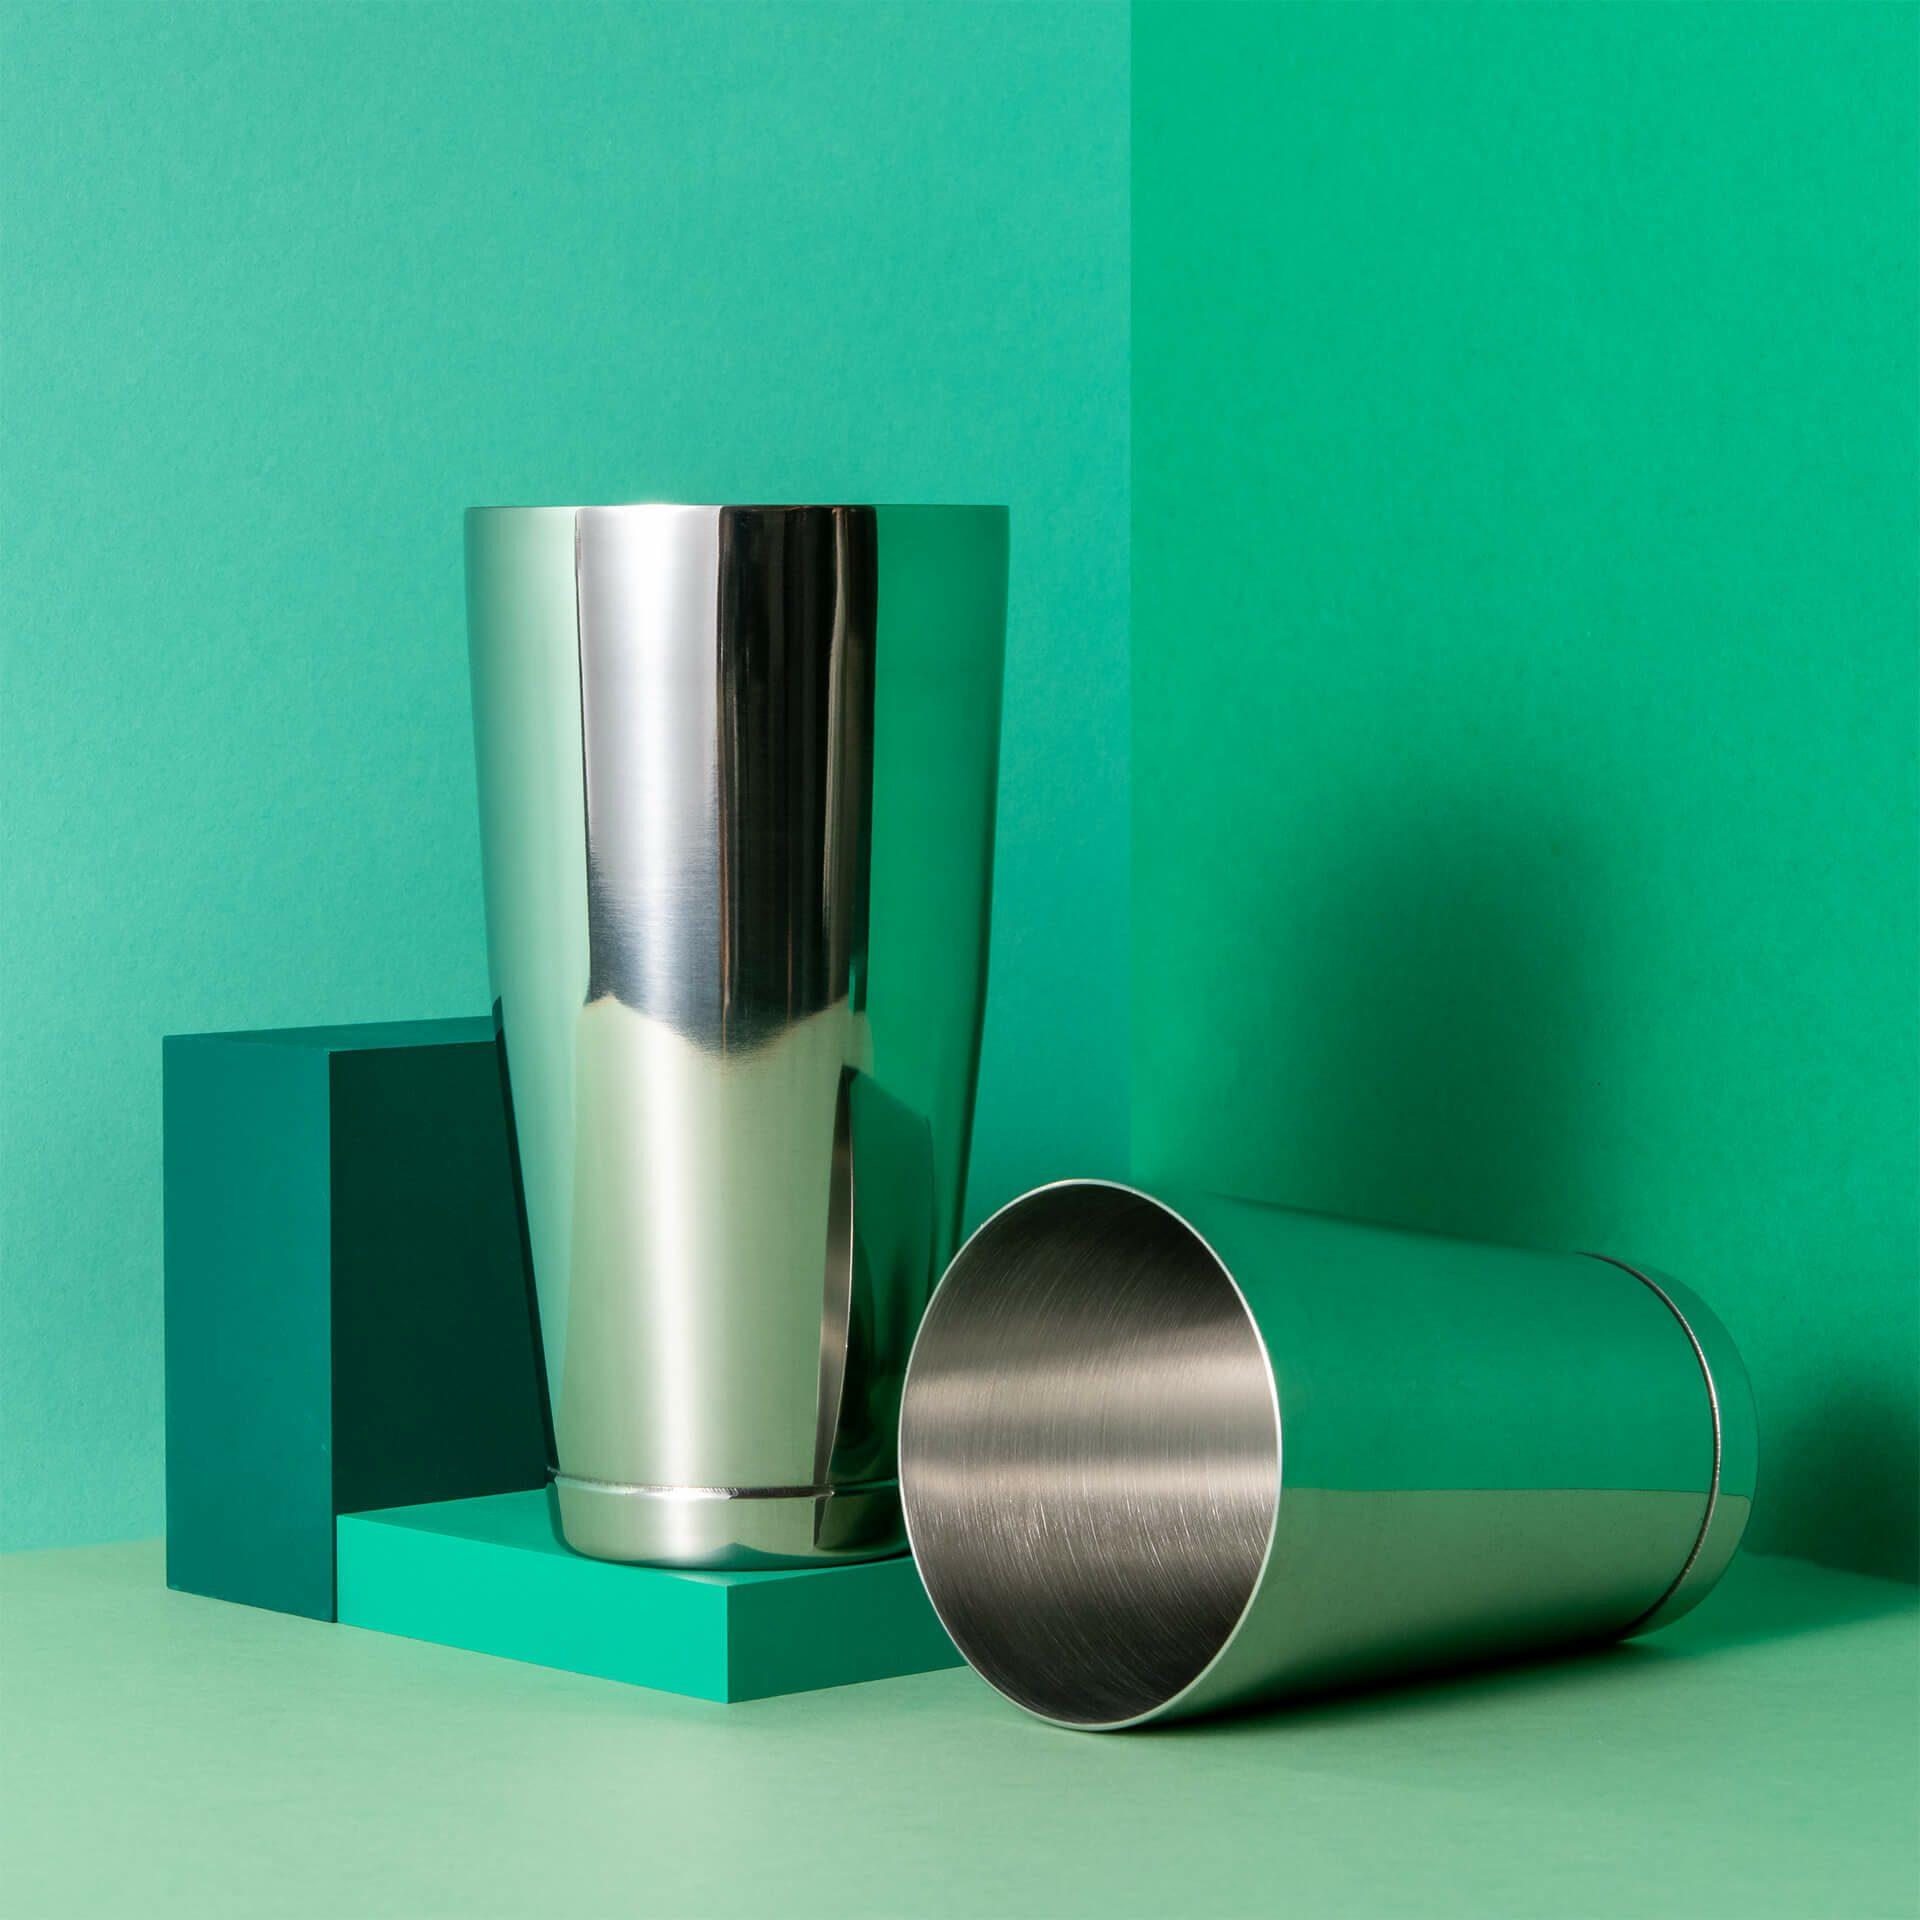 Pina Cocktail Shaker Boston Tin Set - Drink Syndikat